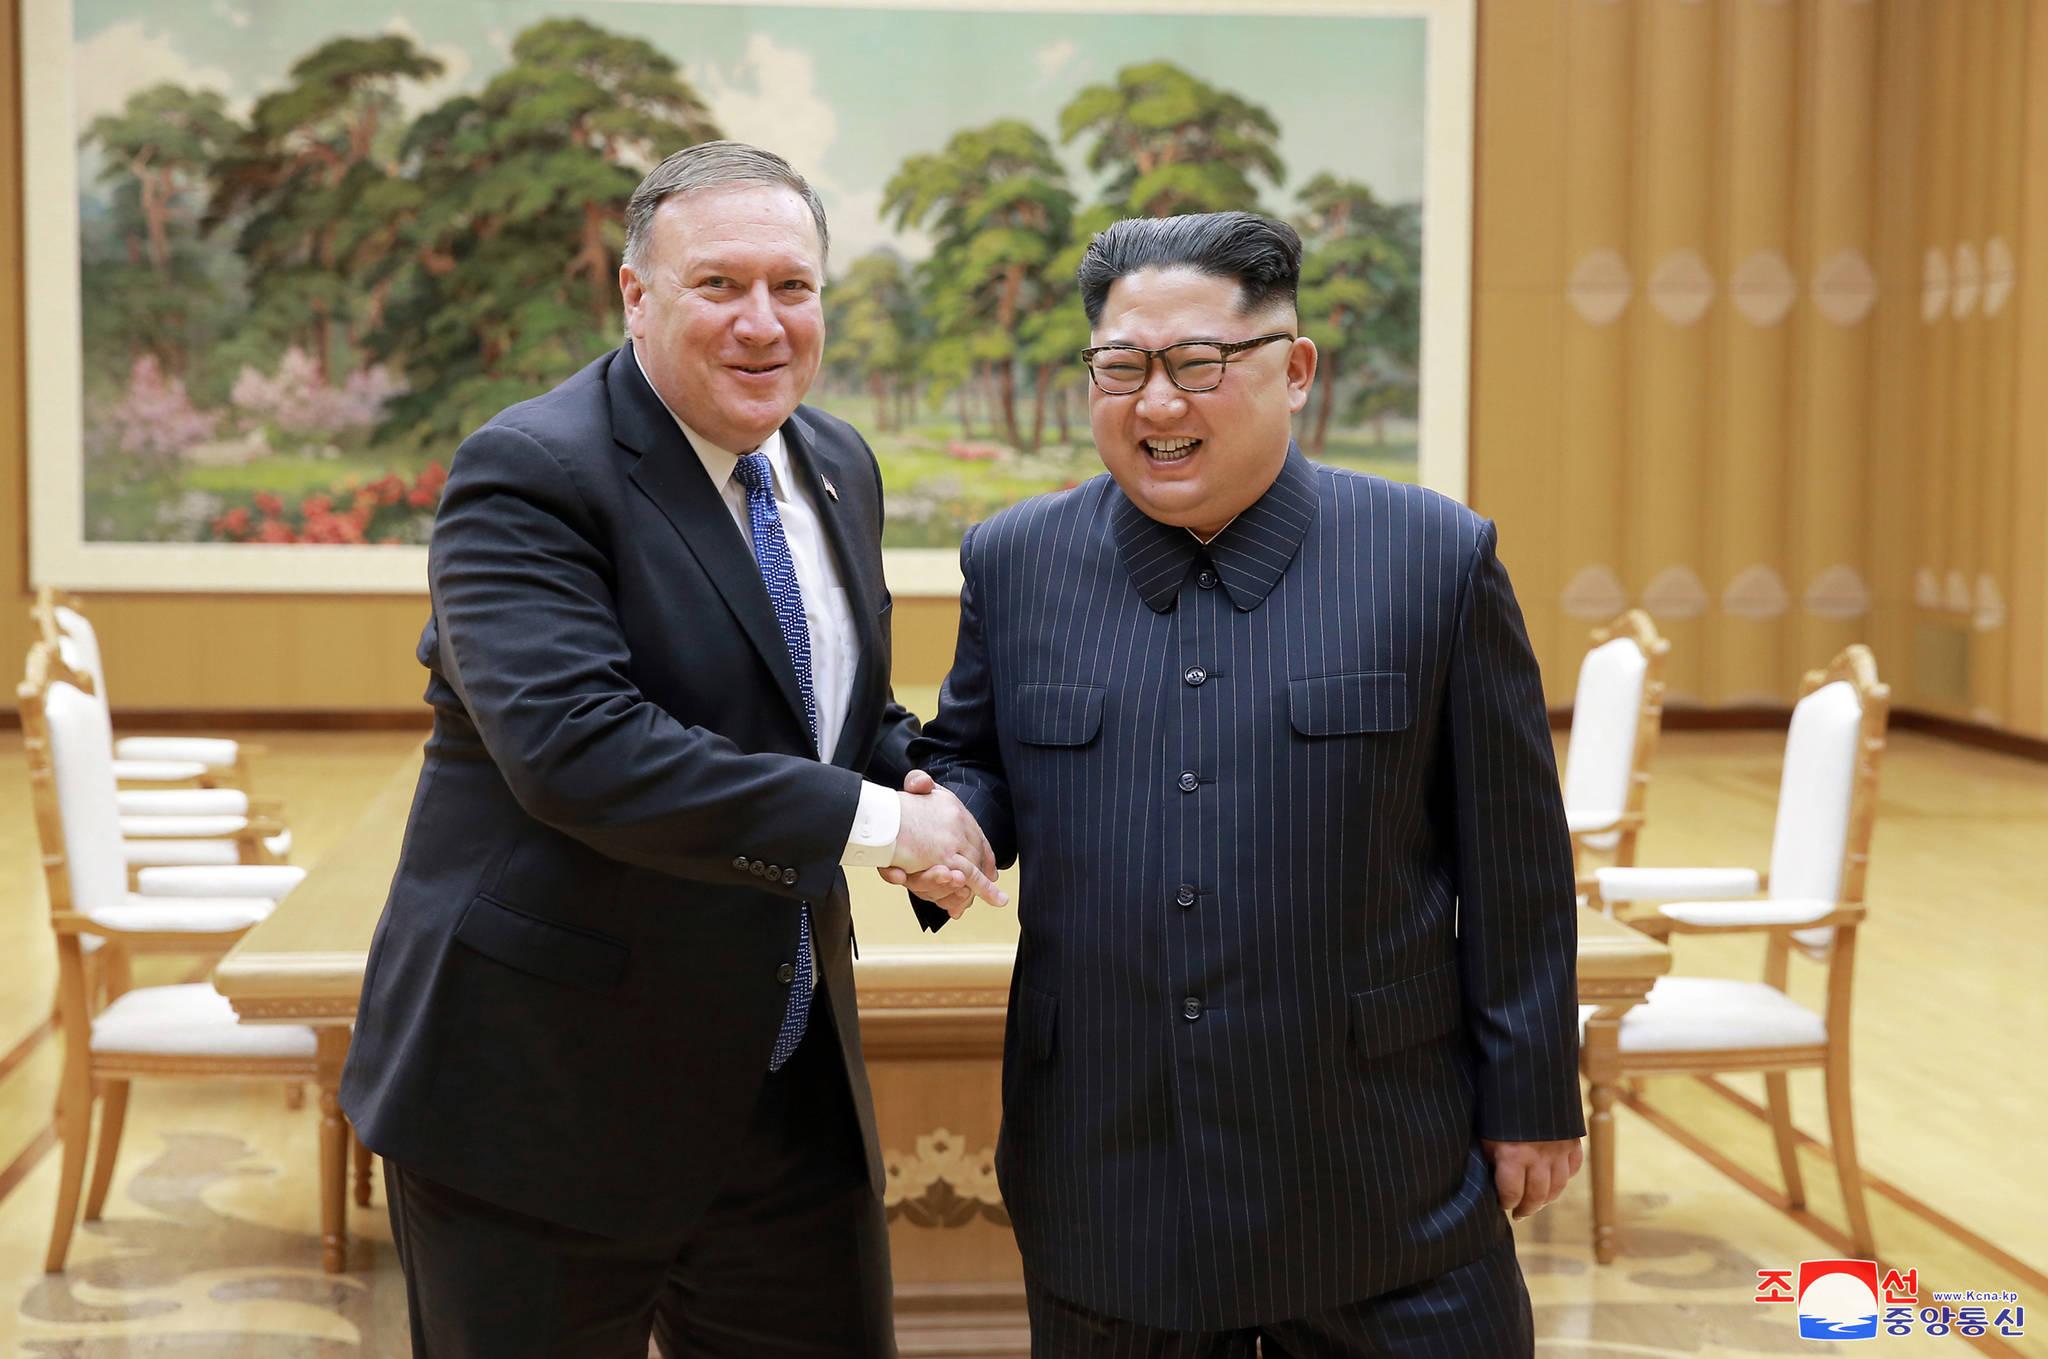 조선중앙통신은 북한 김정은 국무위원장이 마이크 폼페이오 미국 국무장관을 접견했다고 10일 보도했다. [연합뉴스]